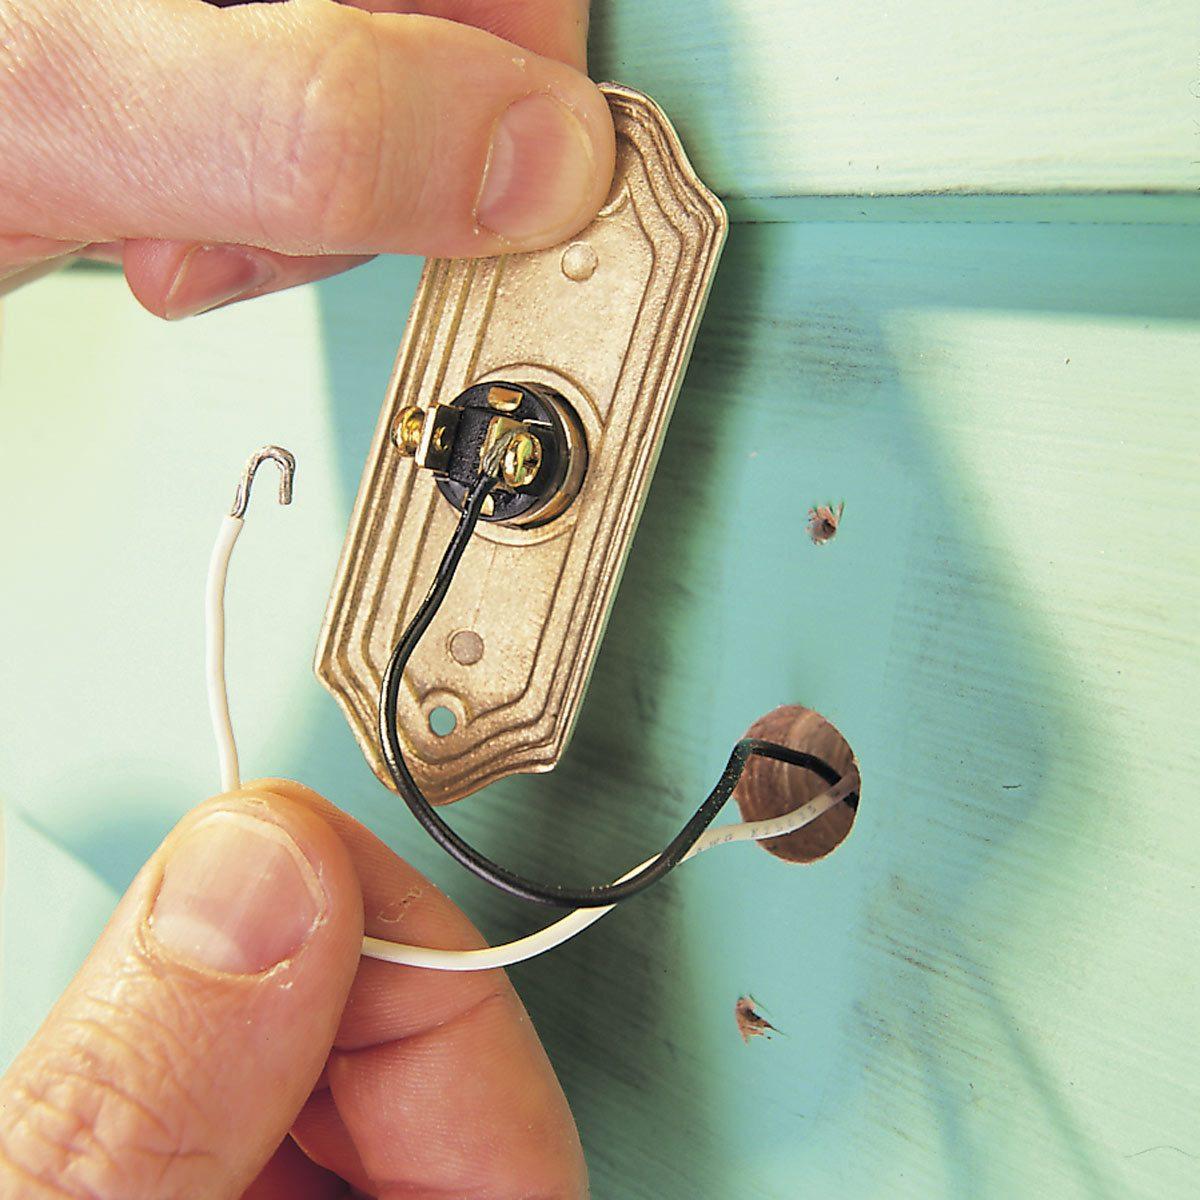 Repair a Doorbell: Fix a Dead or Broken Doorbell